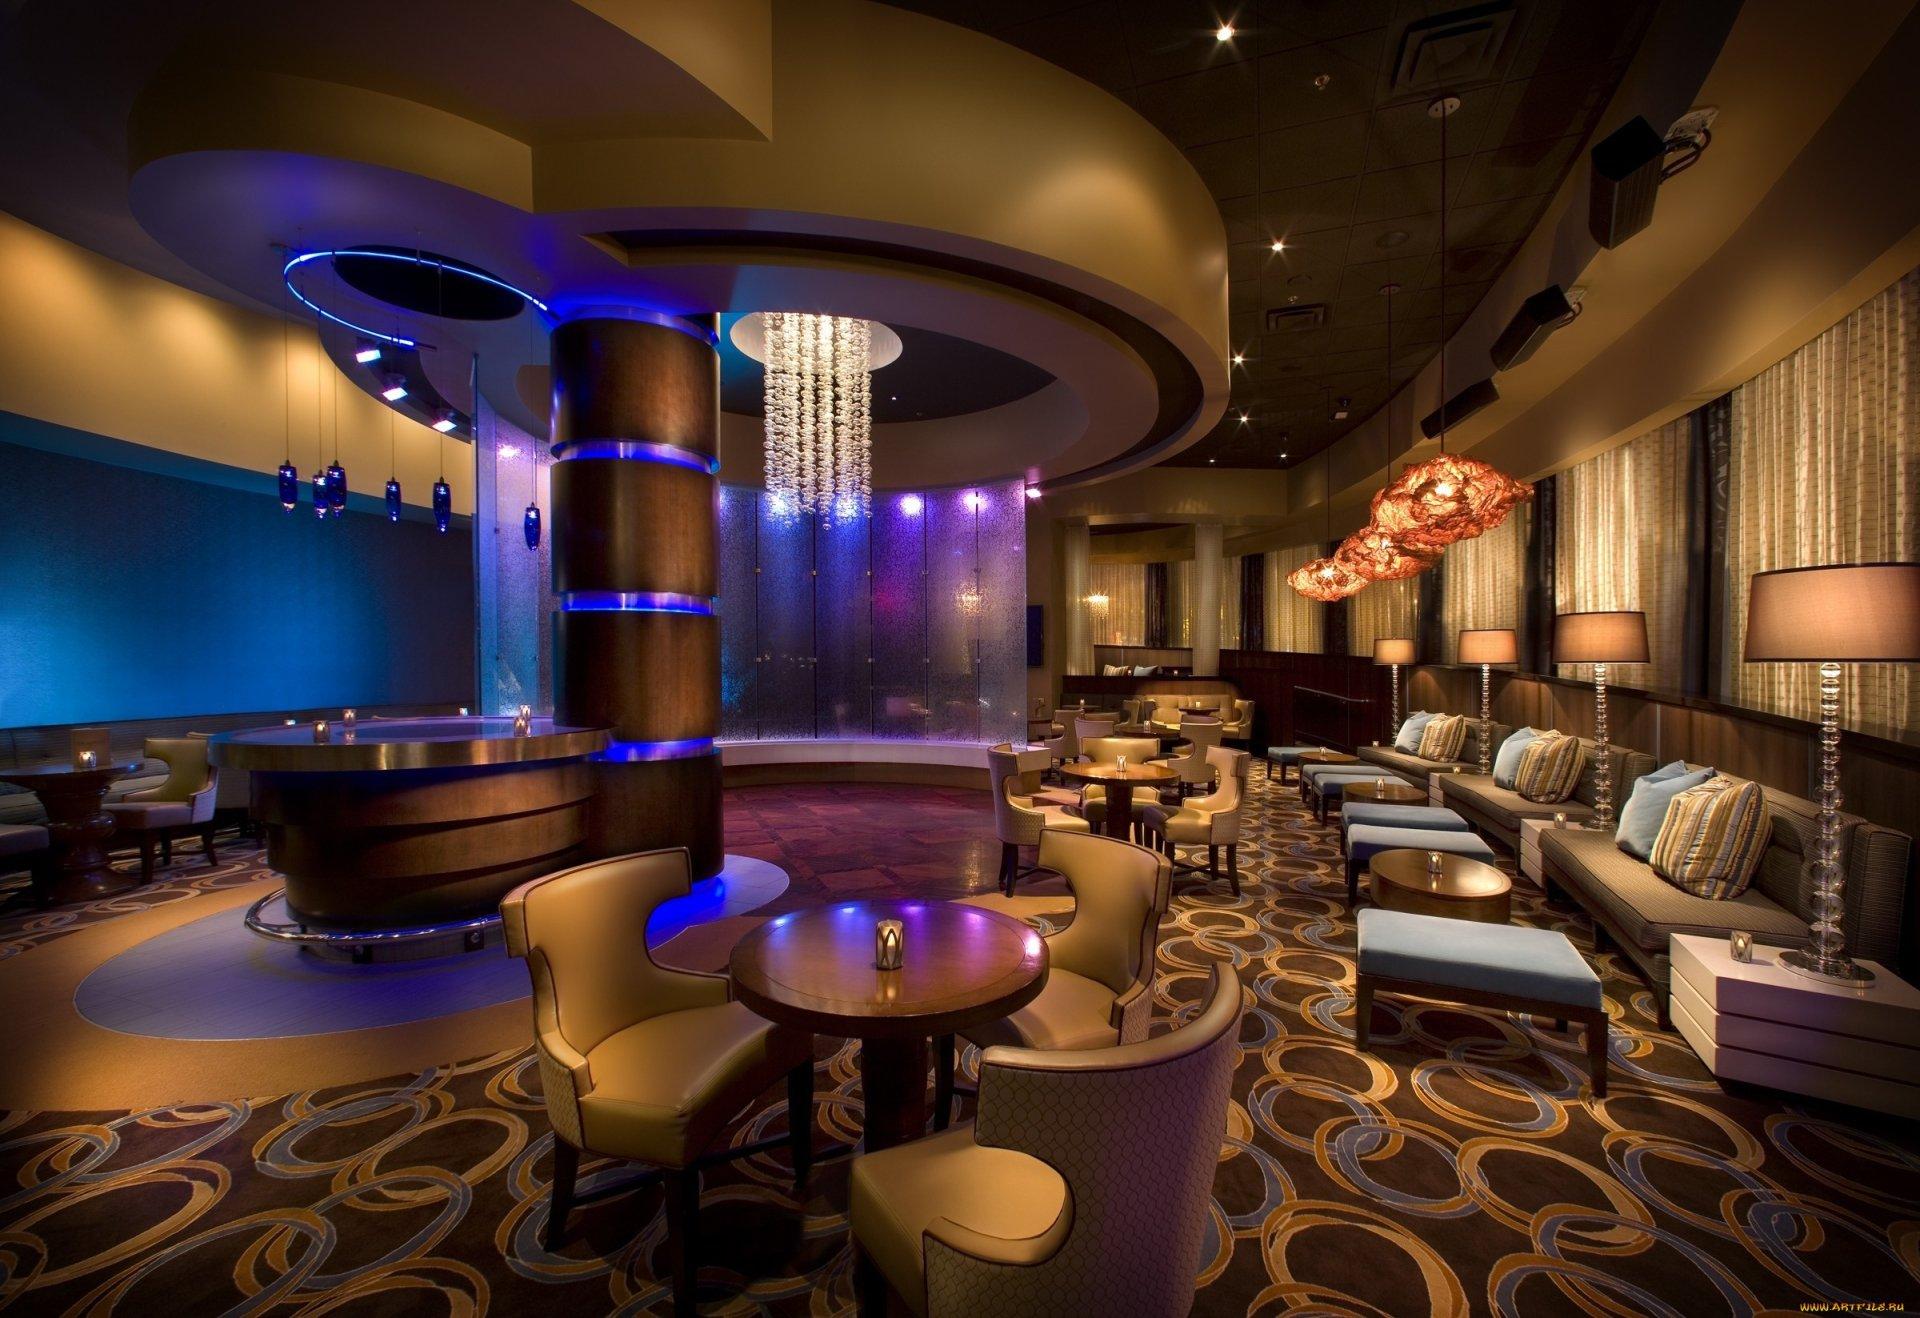 Planet 7 casino deposit bonus codes